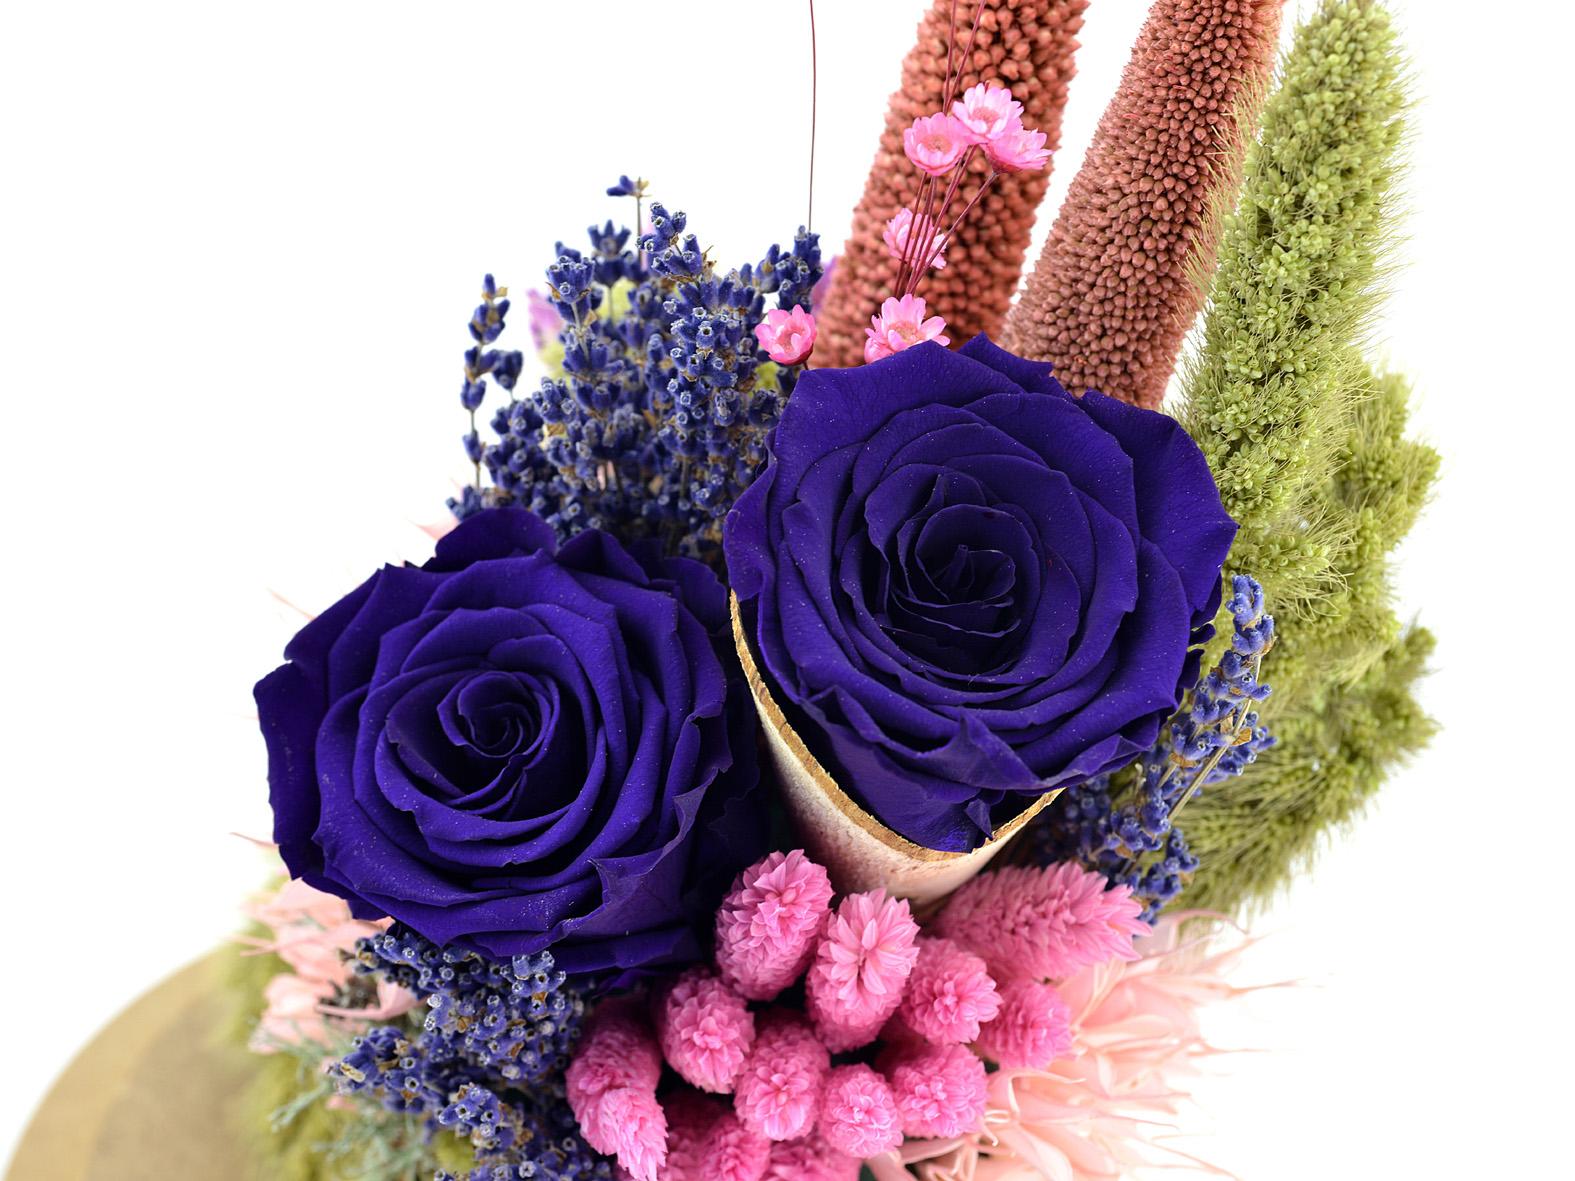 İlahi Aşk Mavi Solmayan Güller Solmayan Güller  çiçek gönder